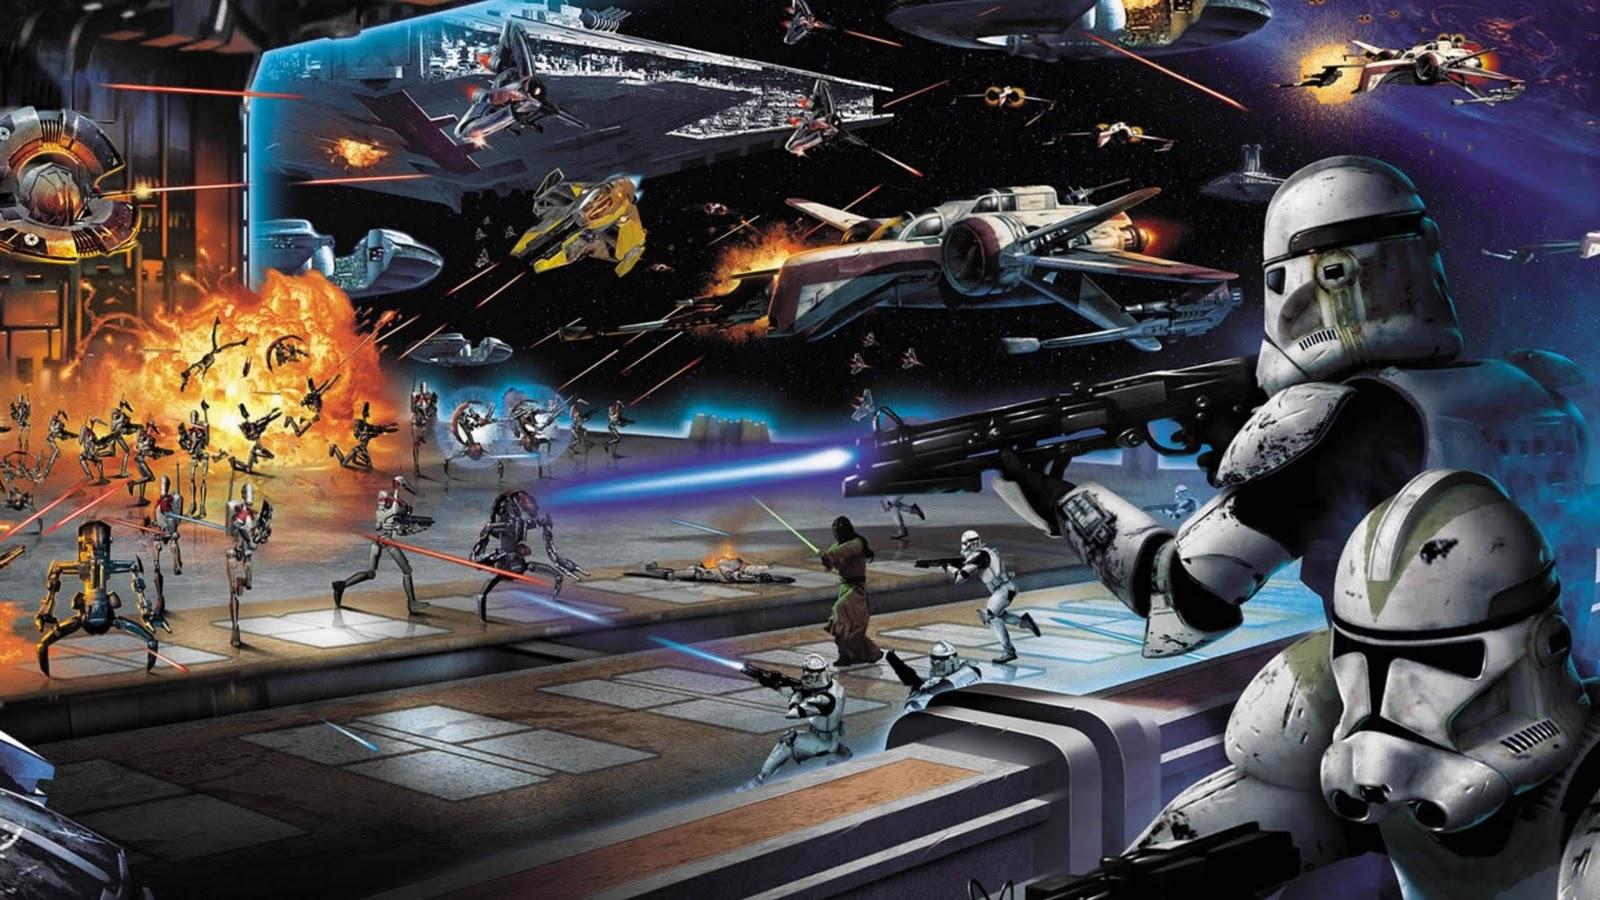 http://1.bp.blogspot.com/_H3VrOXpWbL4/TQa7IQ4bVtI/AAAAAAAACmU/l-EK46VgBNQ/s1600/star-wars-battlefront-wallpaper.jpg